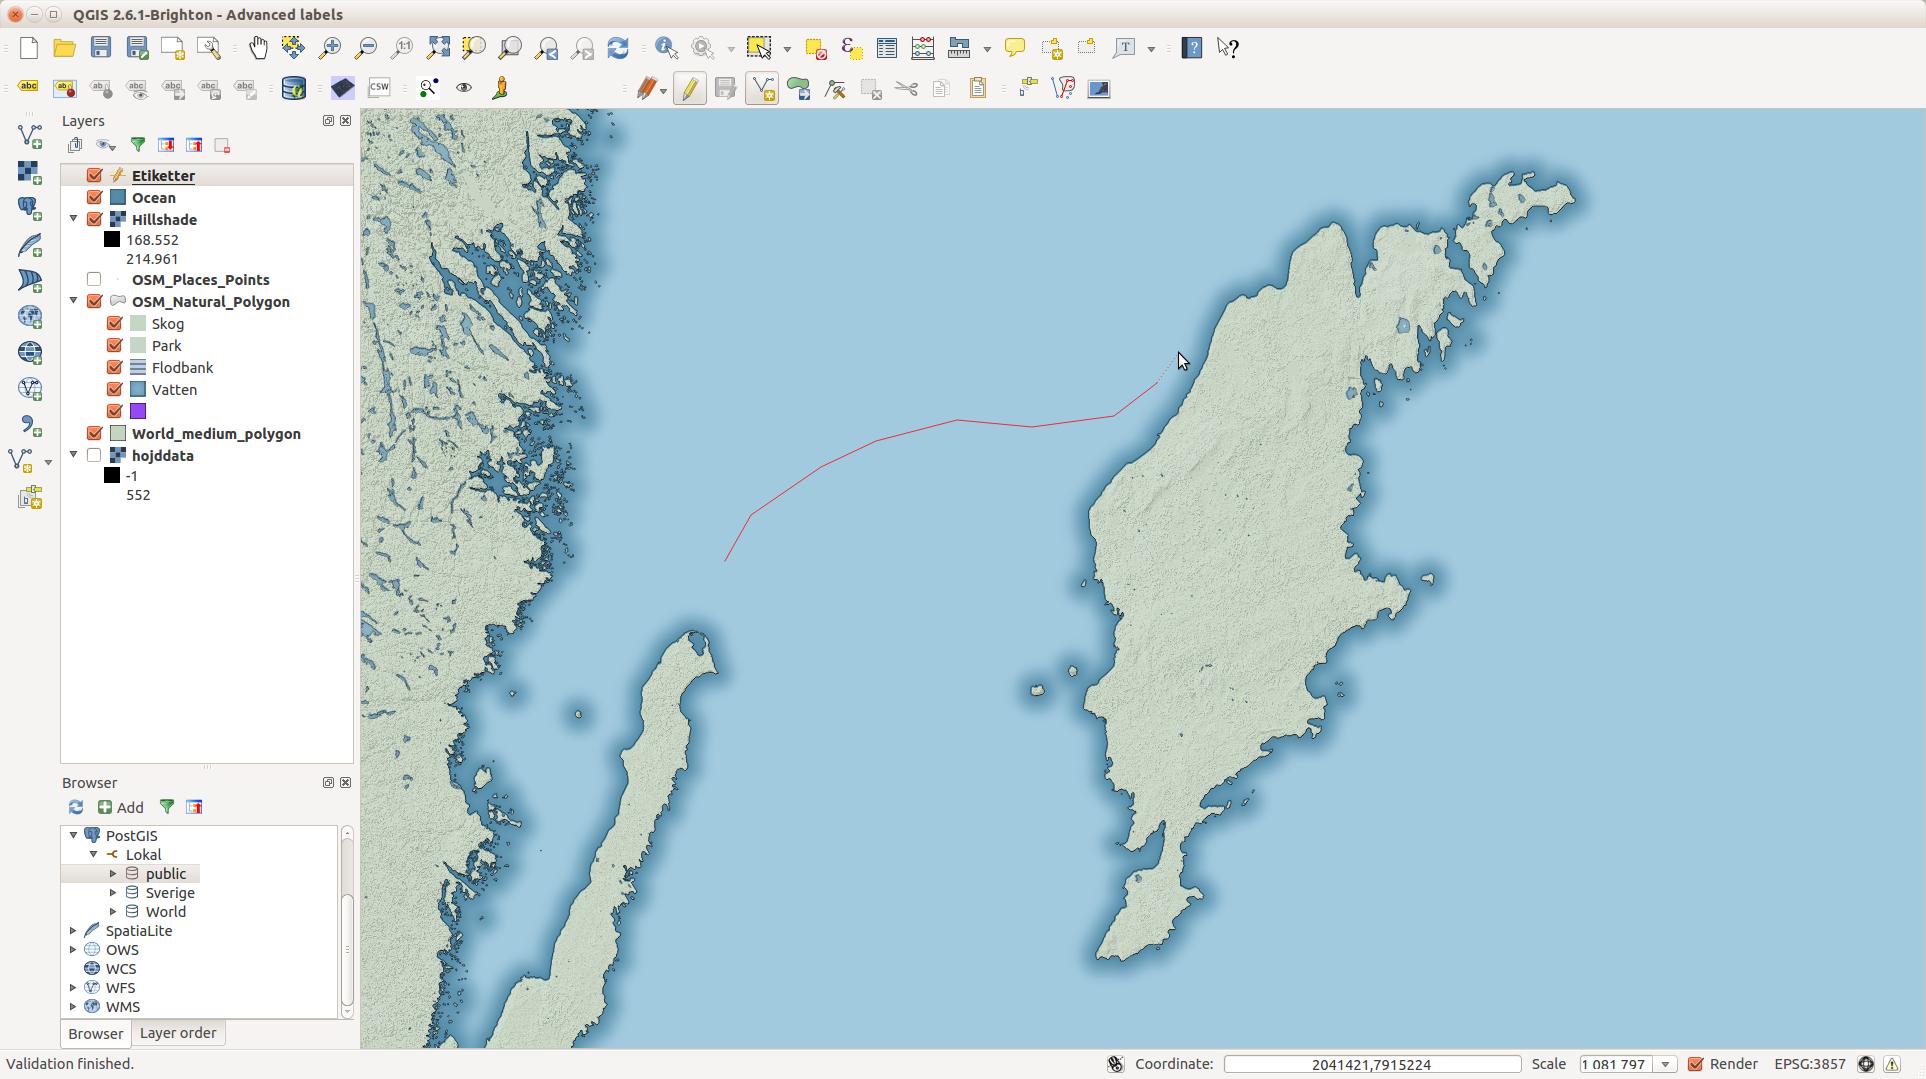 Screenshot from 2014-12-20 18:24:22